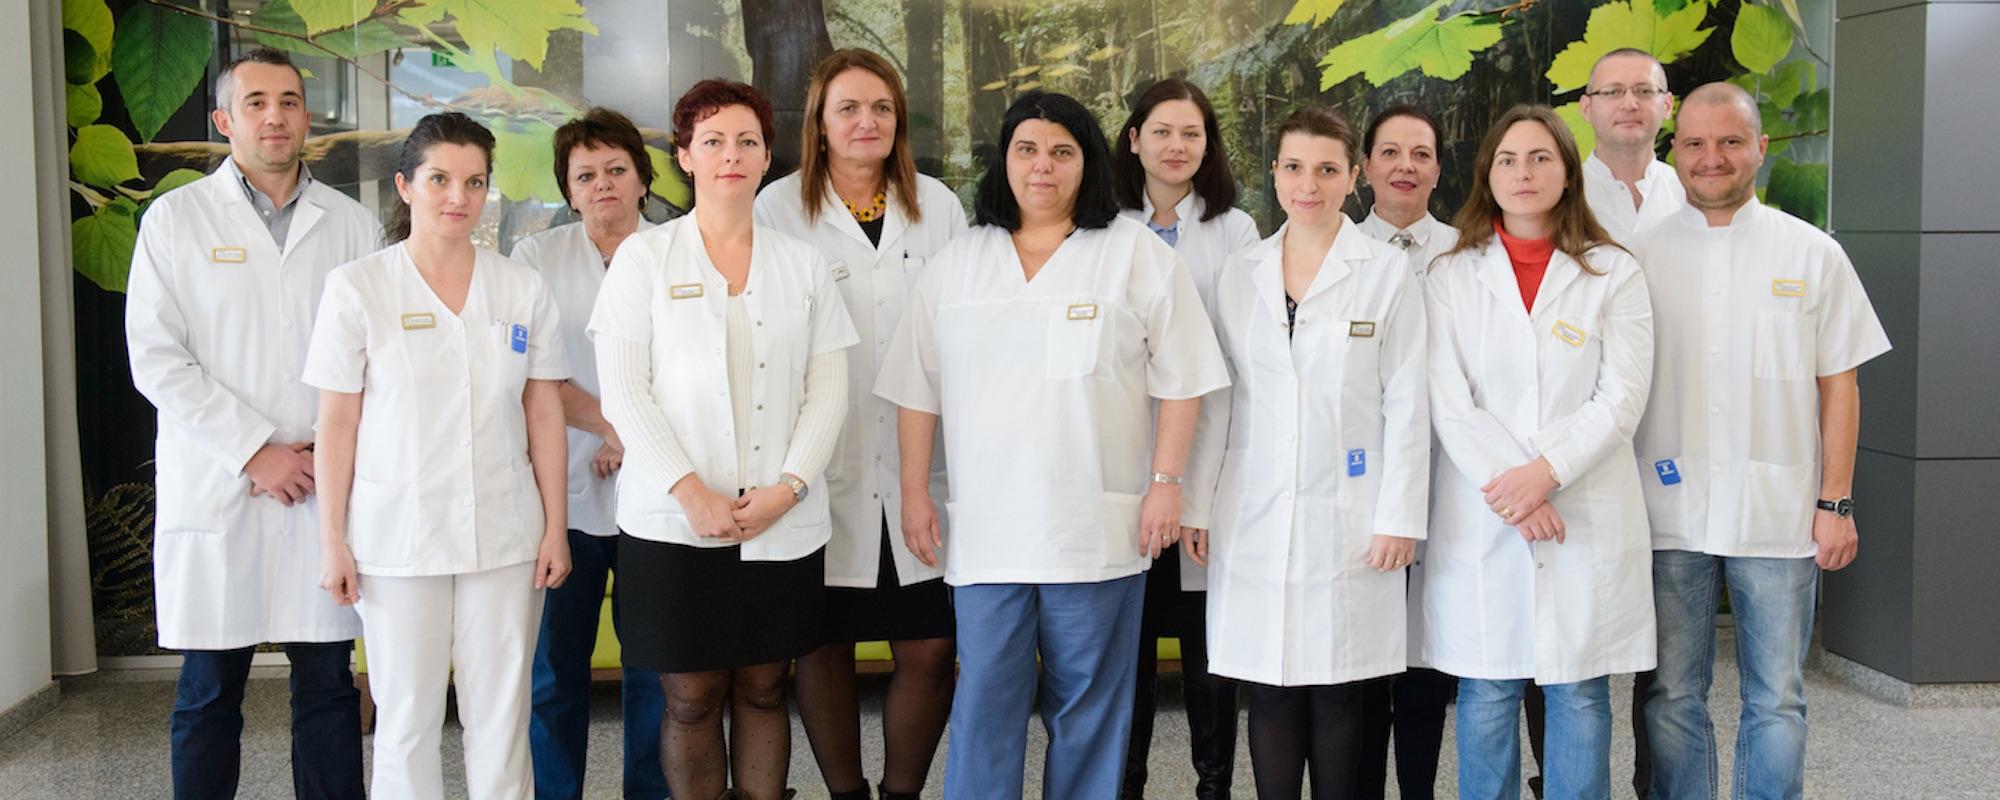 Echipa medicală